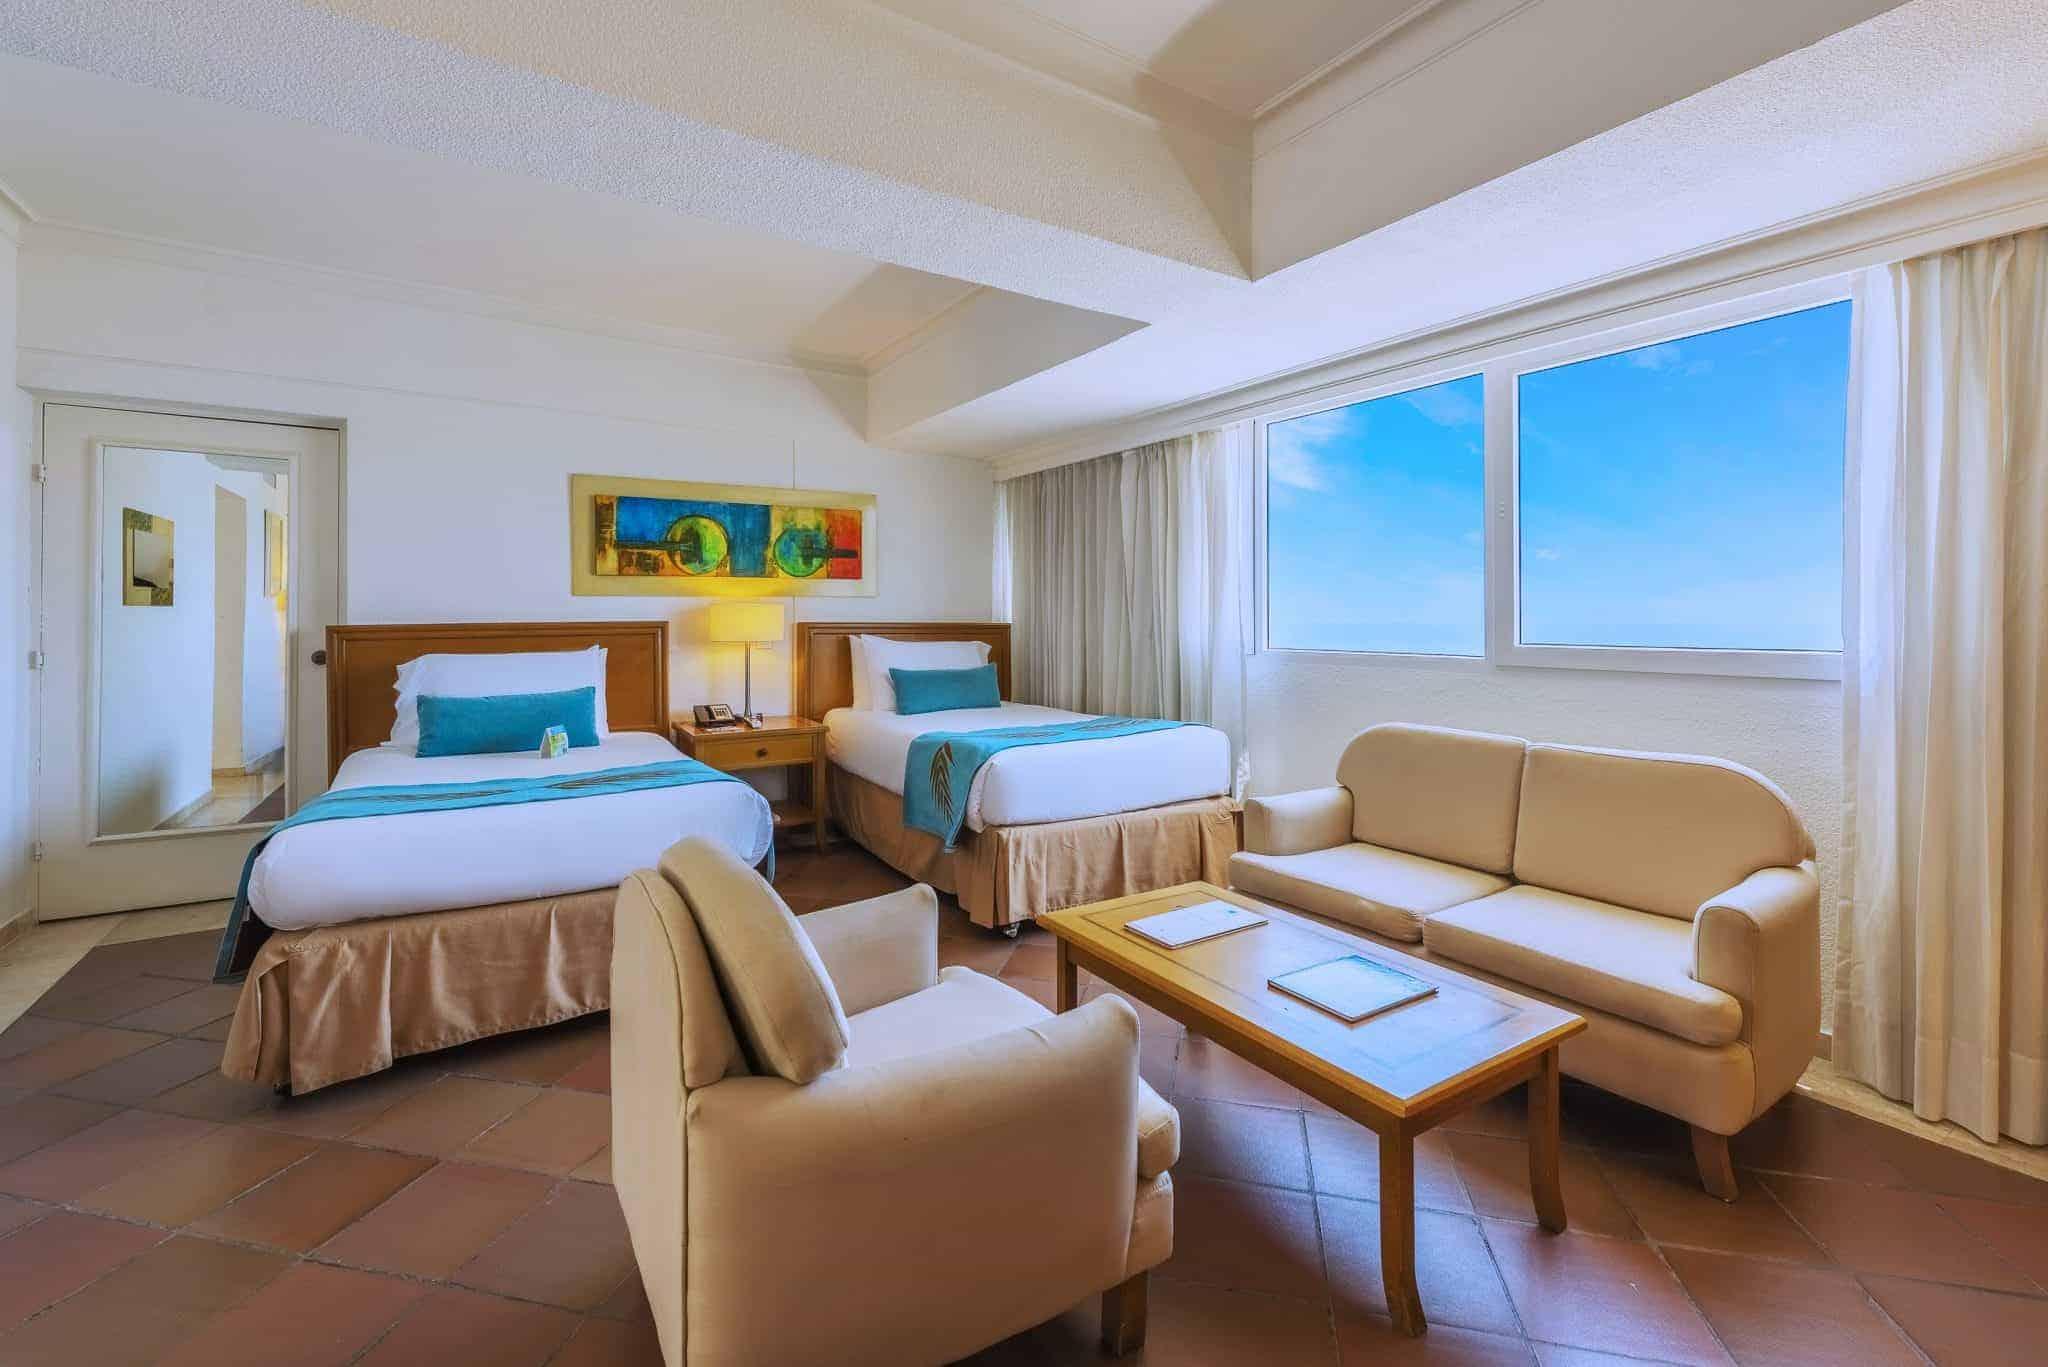 Hotel Almirante Cartagena - Habitación Superior Twin